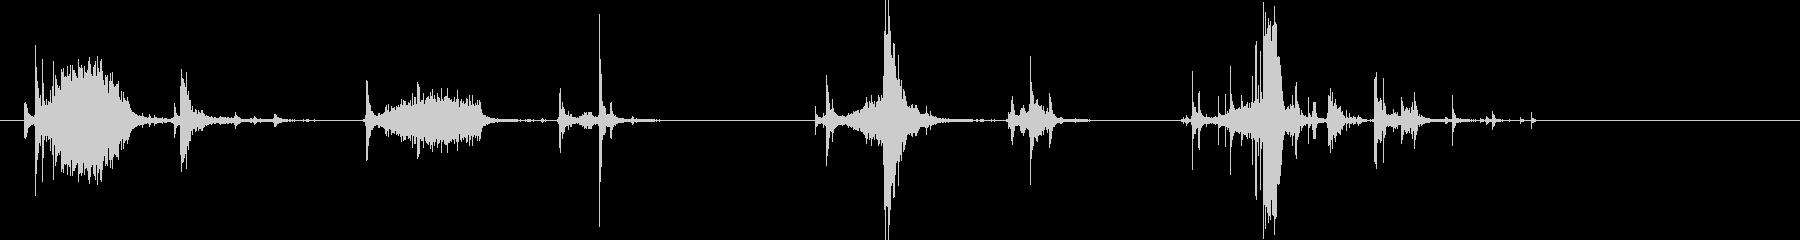 スプレーで連続して噴霧する音2の未再生の波形